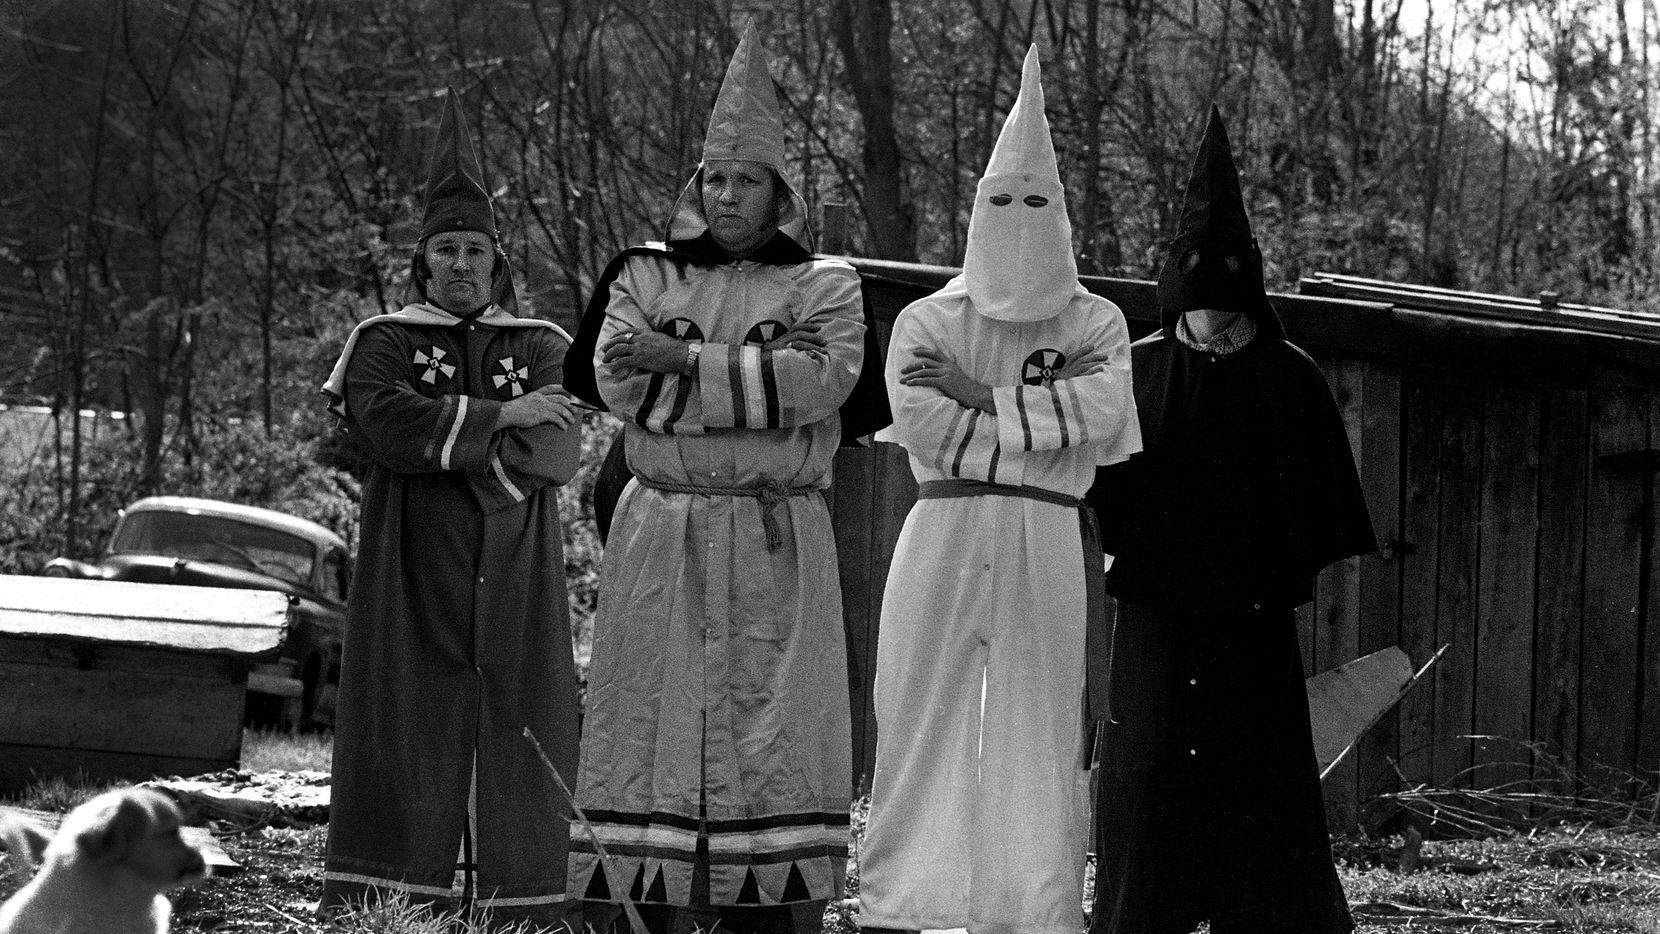 Members of the Klu Klux Klan near Charleston, W.Va., in 1983.  (Bill Tiernan/The Charleston Gazette)